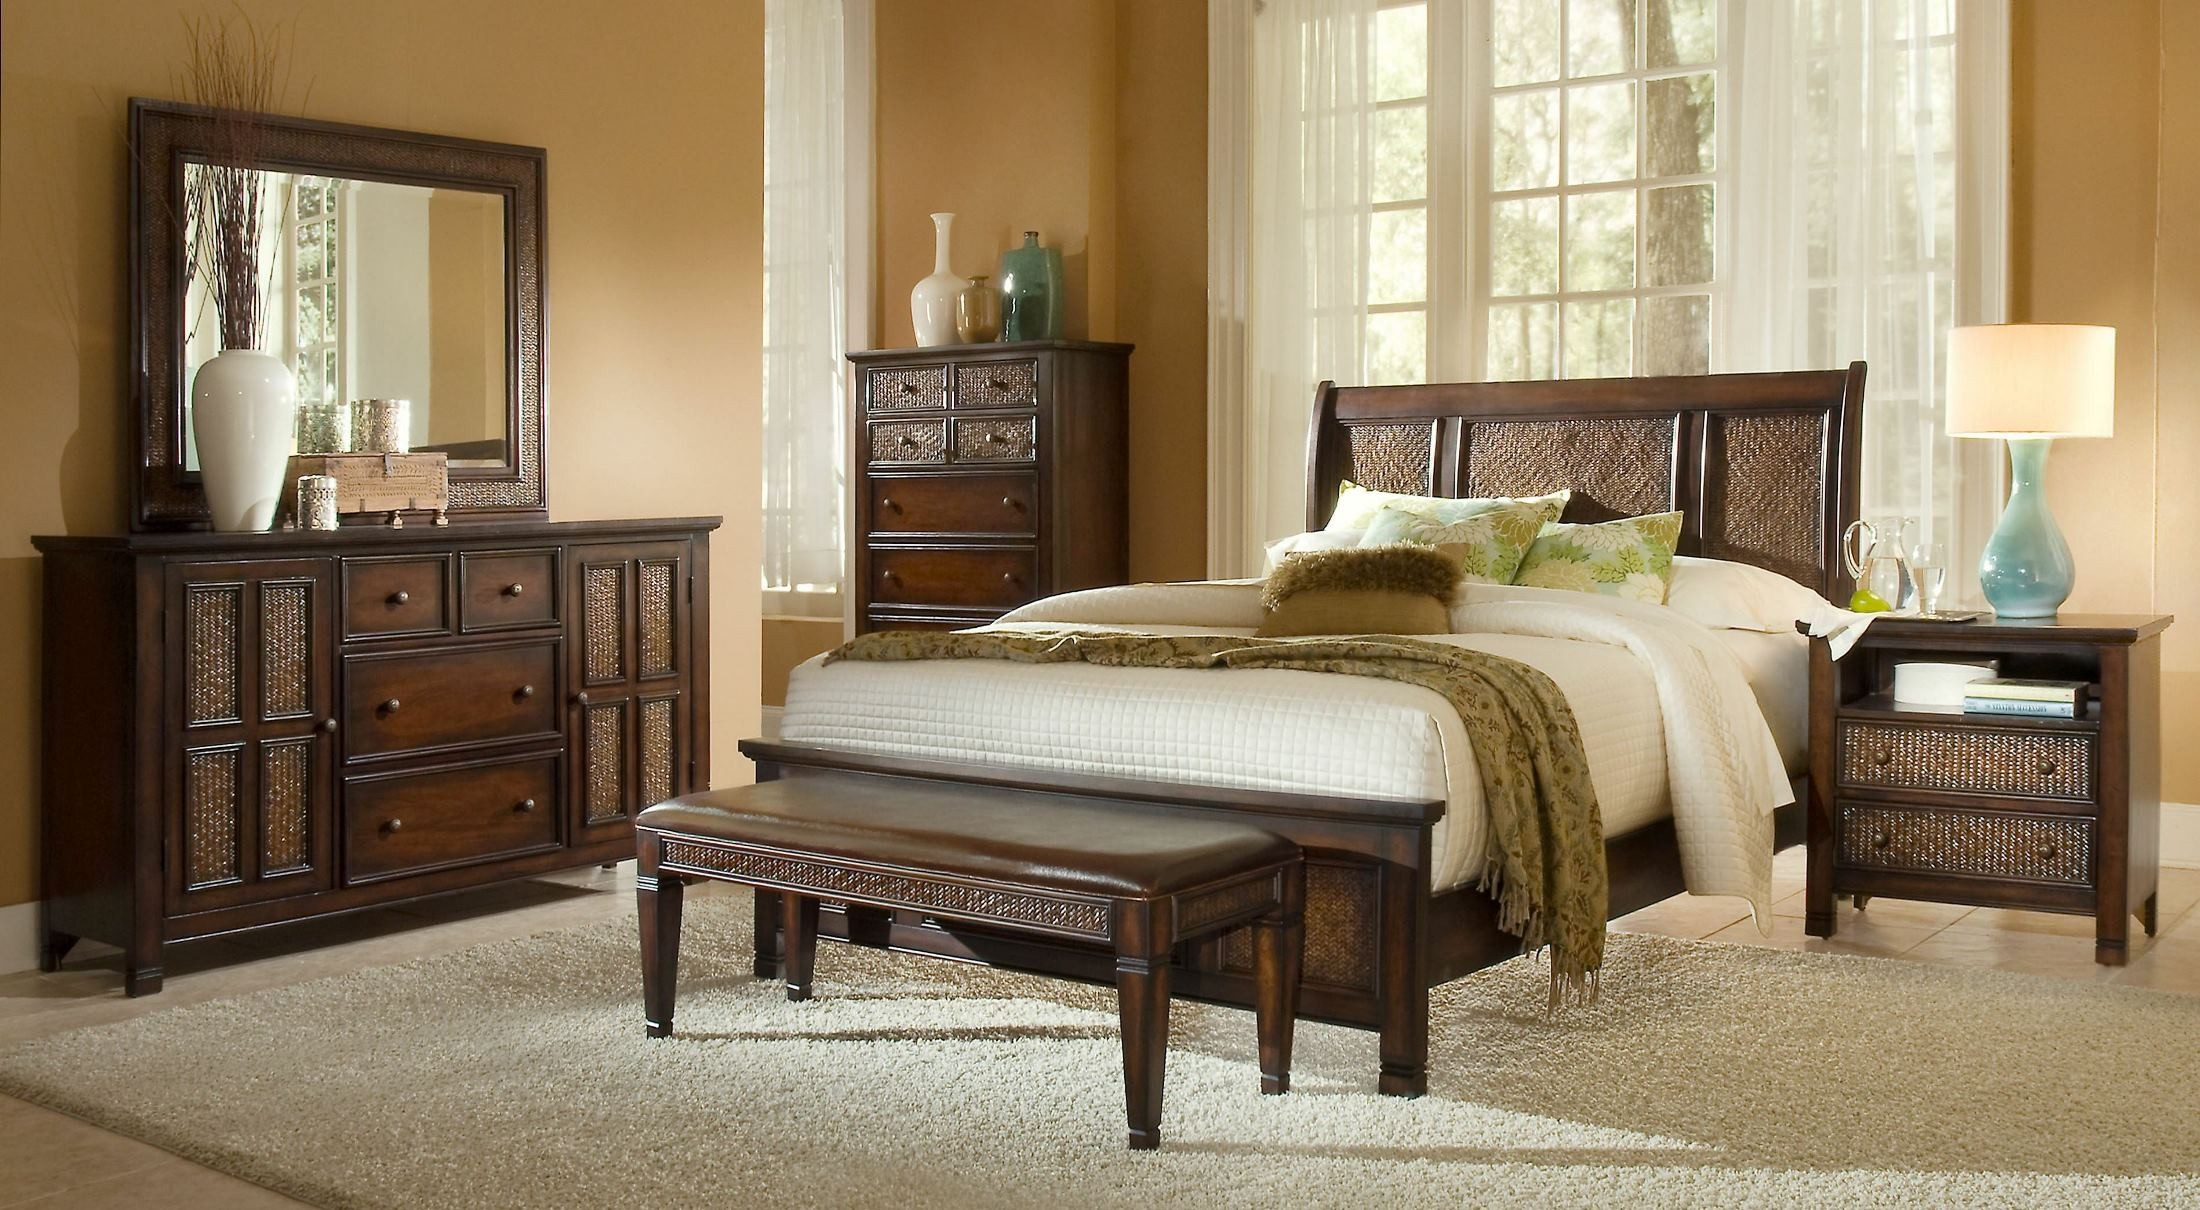 Kingston Isle Havana Brown Sleigh Bedroom Set P195 80 81 83